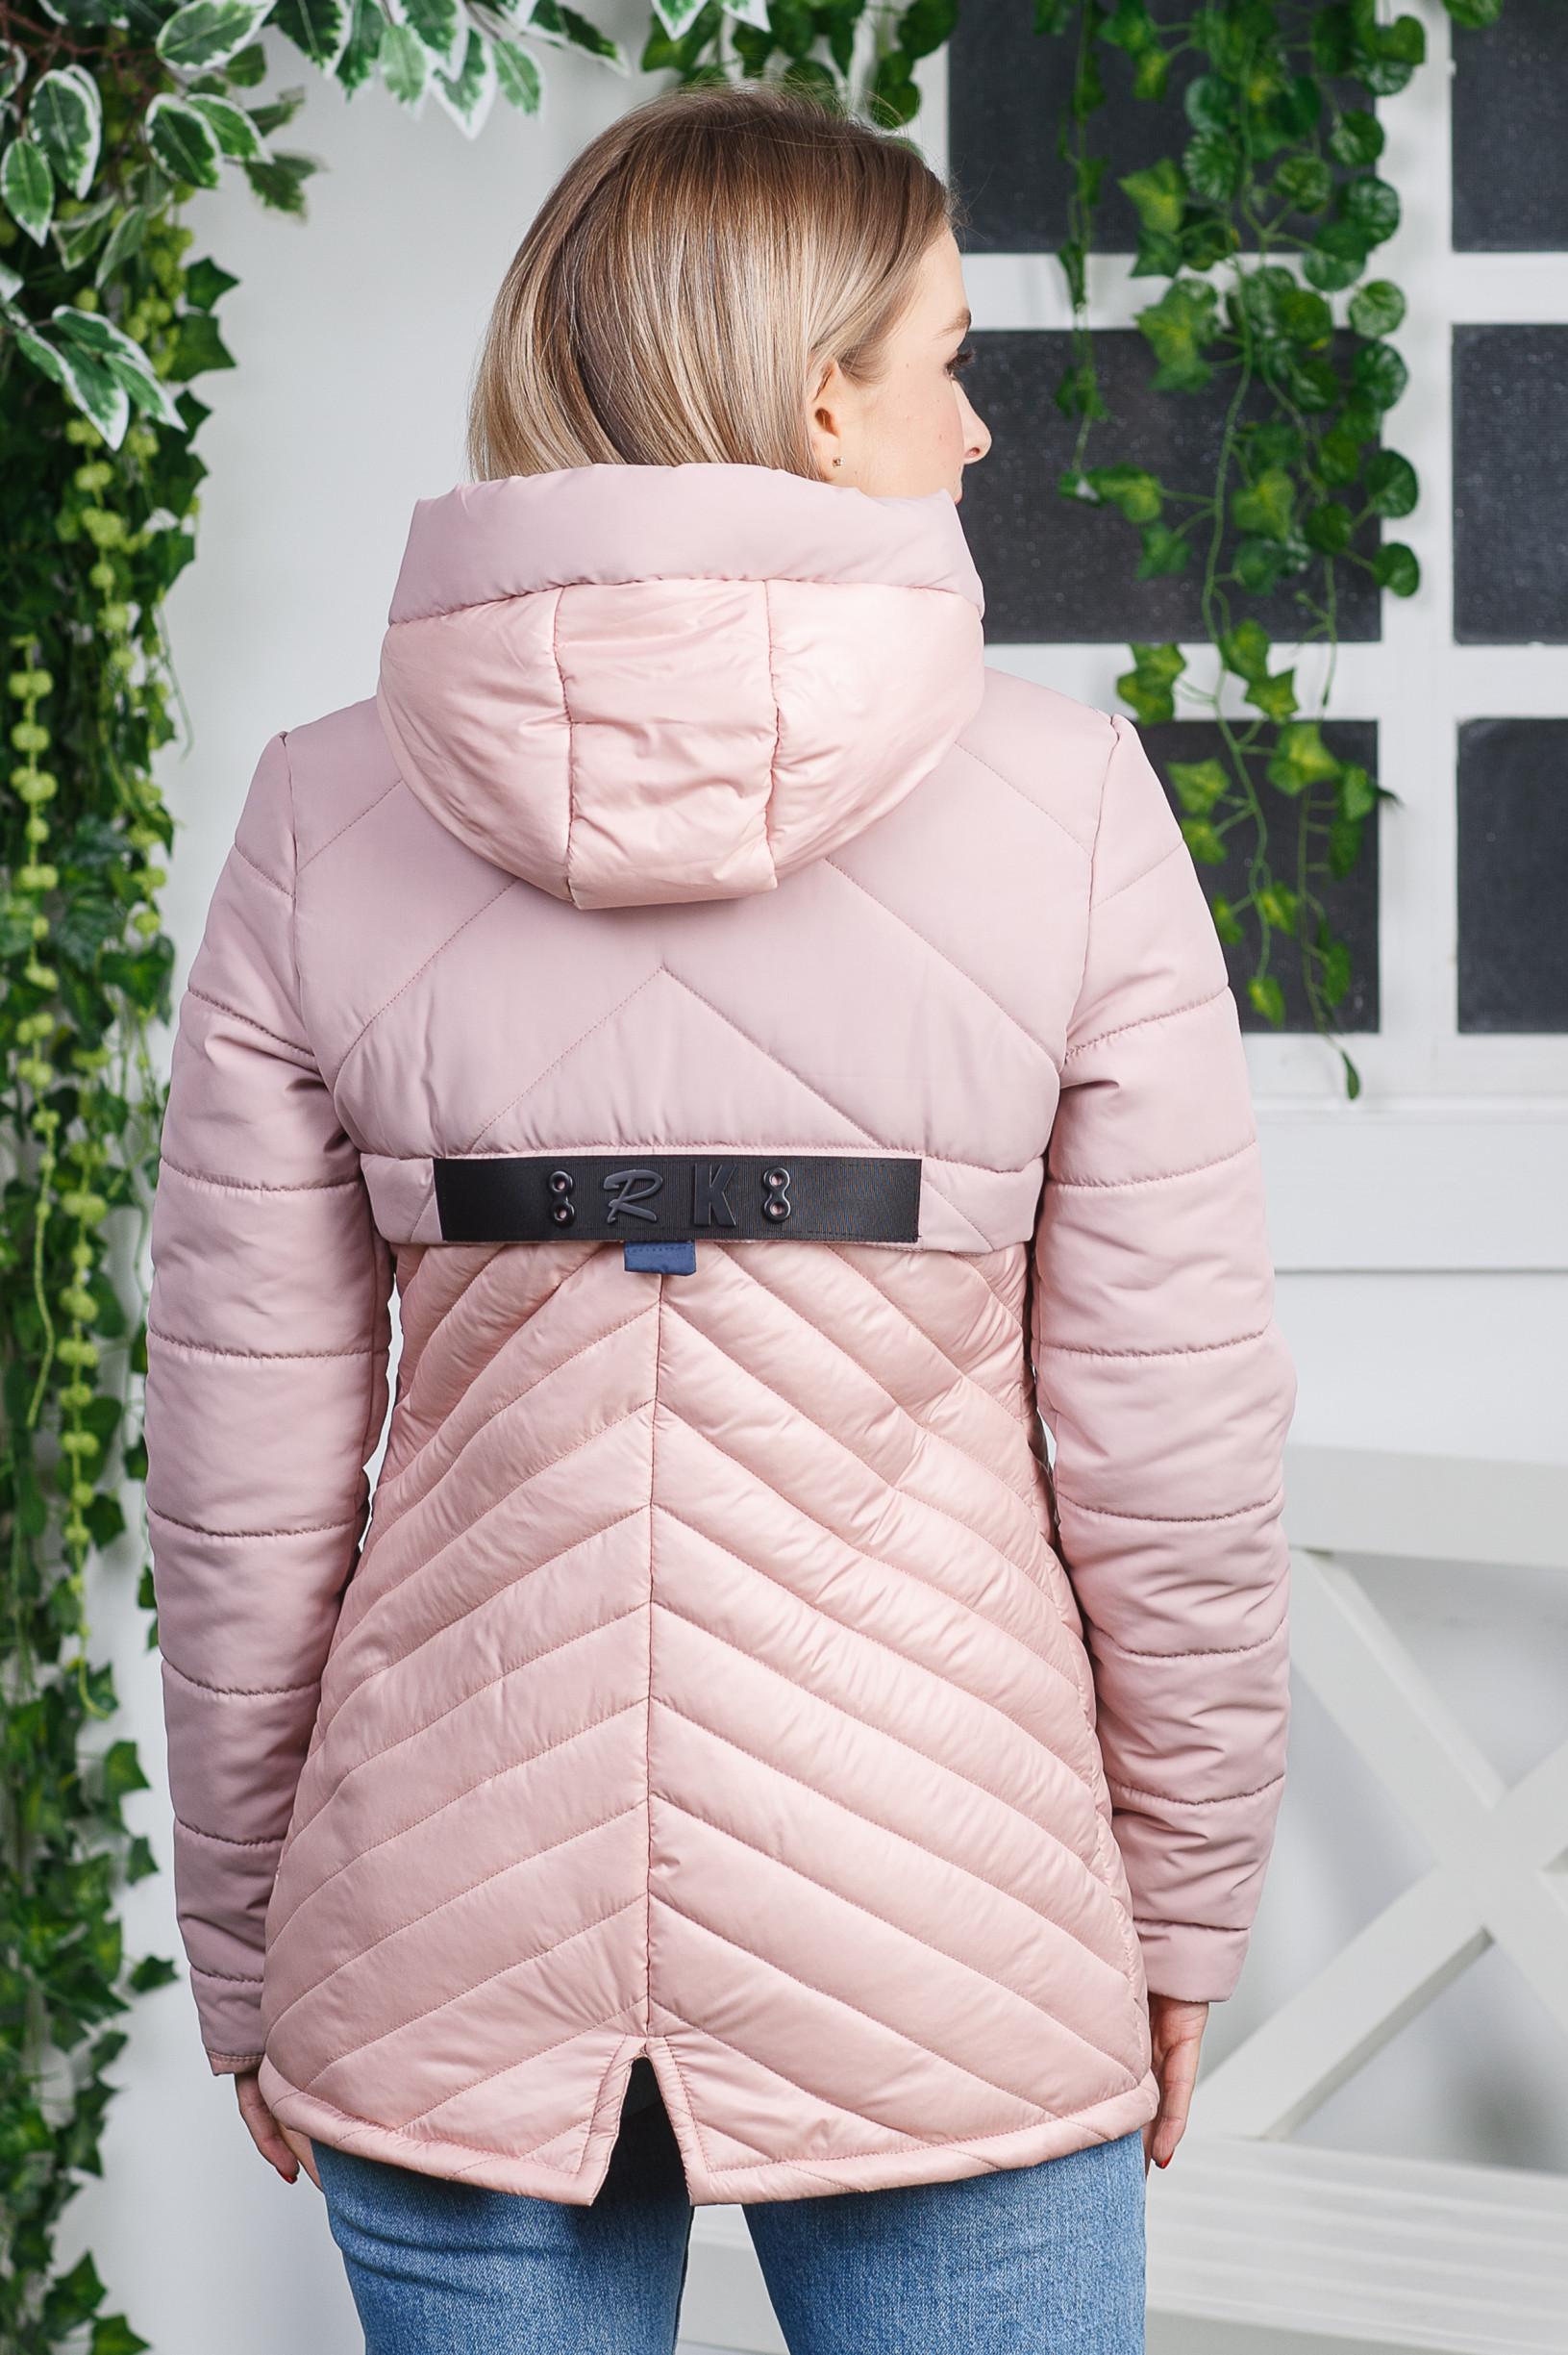 Комбинированная демисезонная куртка Диззи пудра